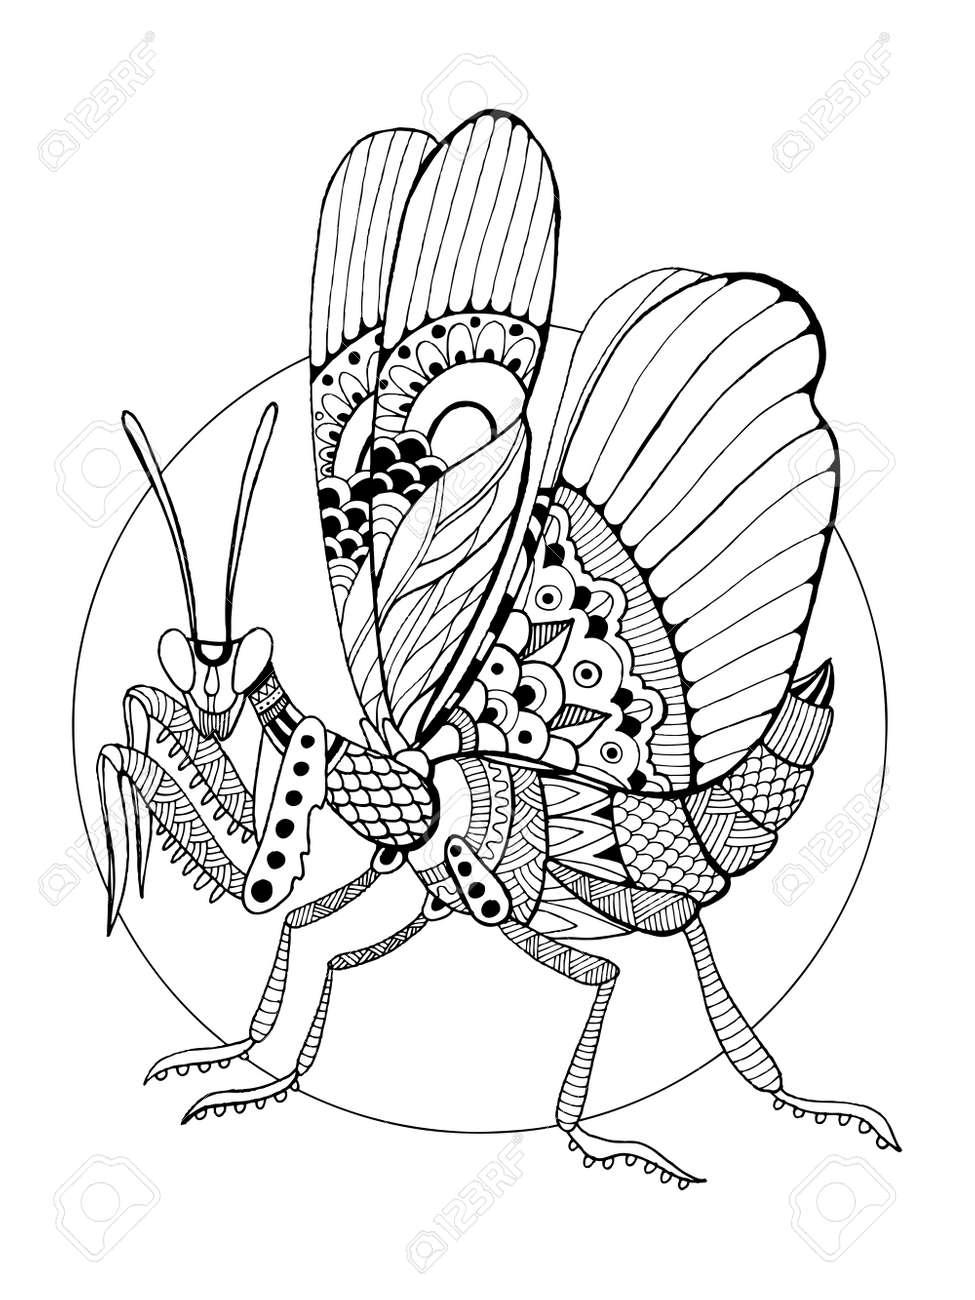 Increíble Insectos Colorear Ornamento - Dibujos Para Colorear En ...